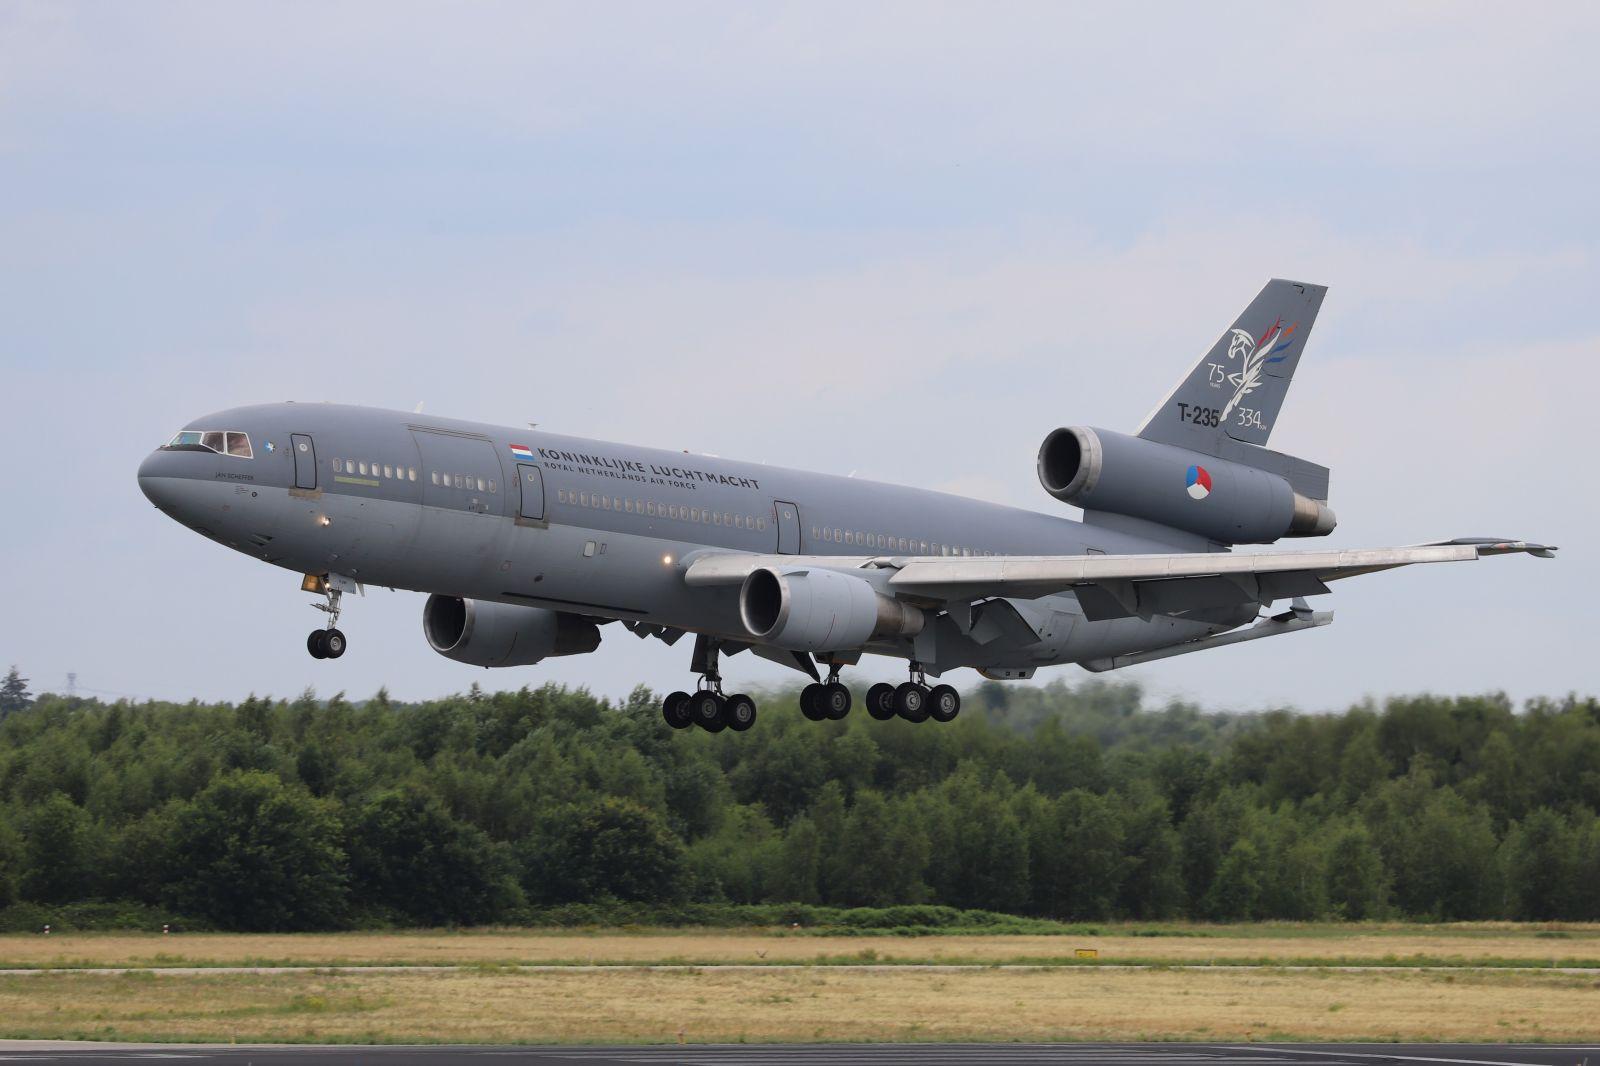 Мащабни авиационни учения в Нидерландия